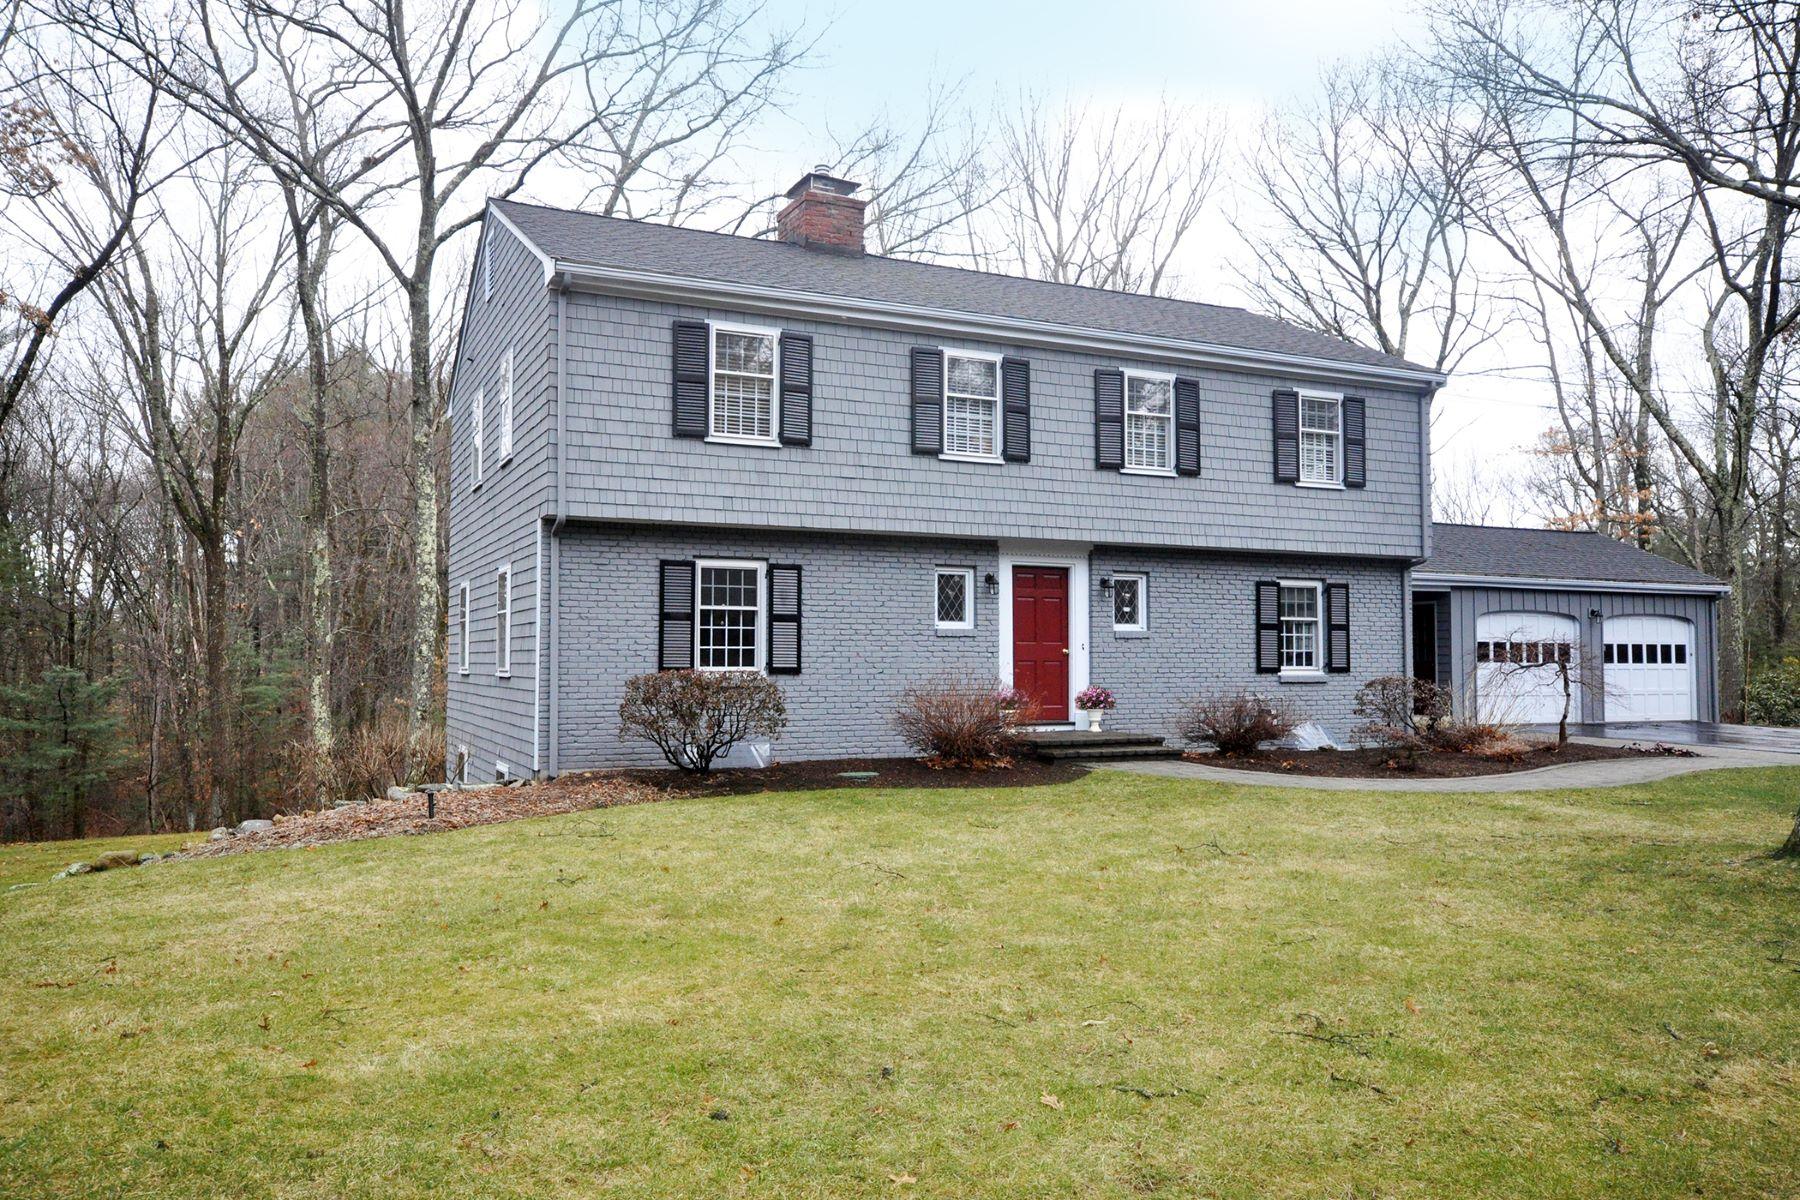 一戸建て のために 売買 アット Pristine Colonial 1186 Old Marlboro Road Concord, マサチューセッツ, 01742 アメリカ合衆国